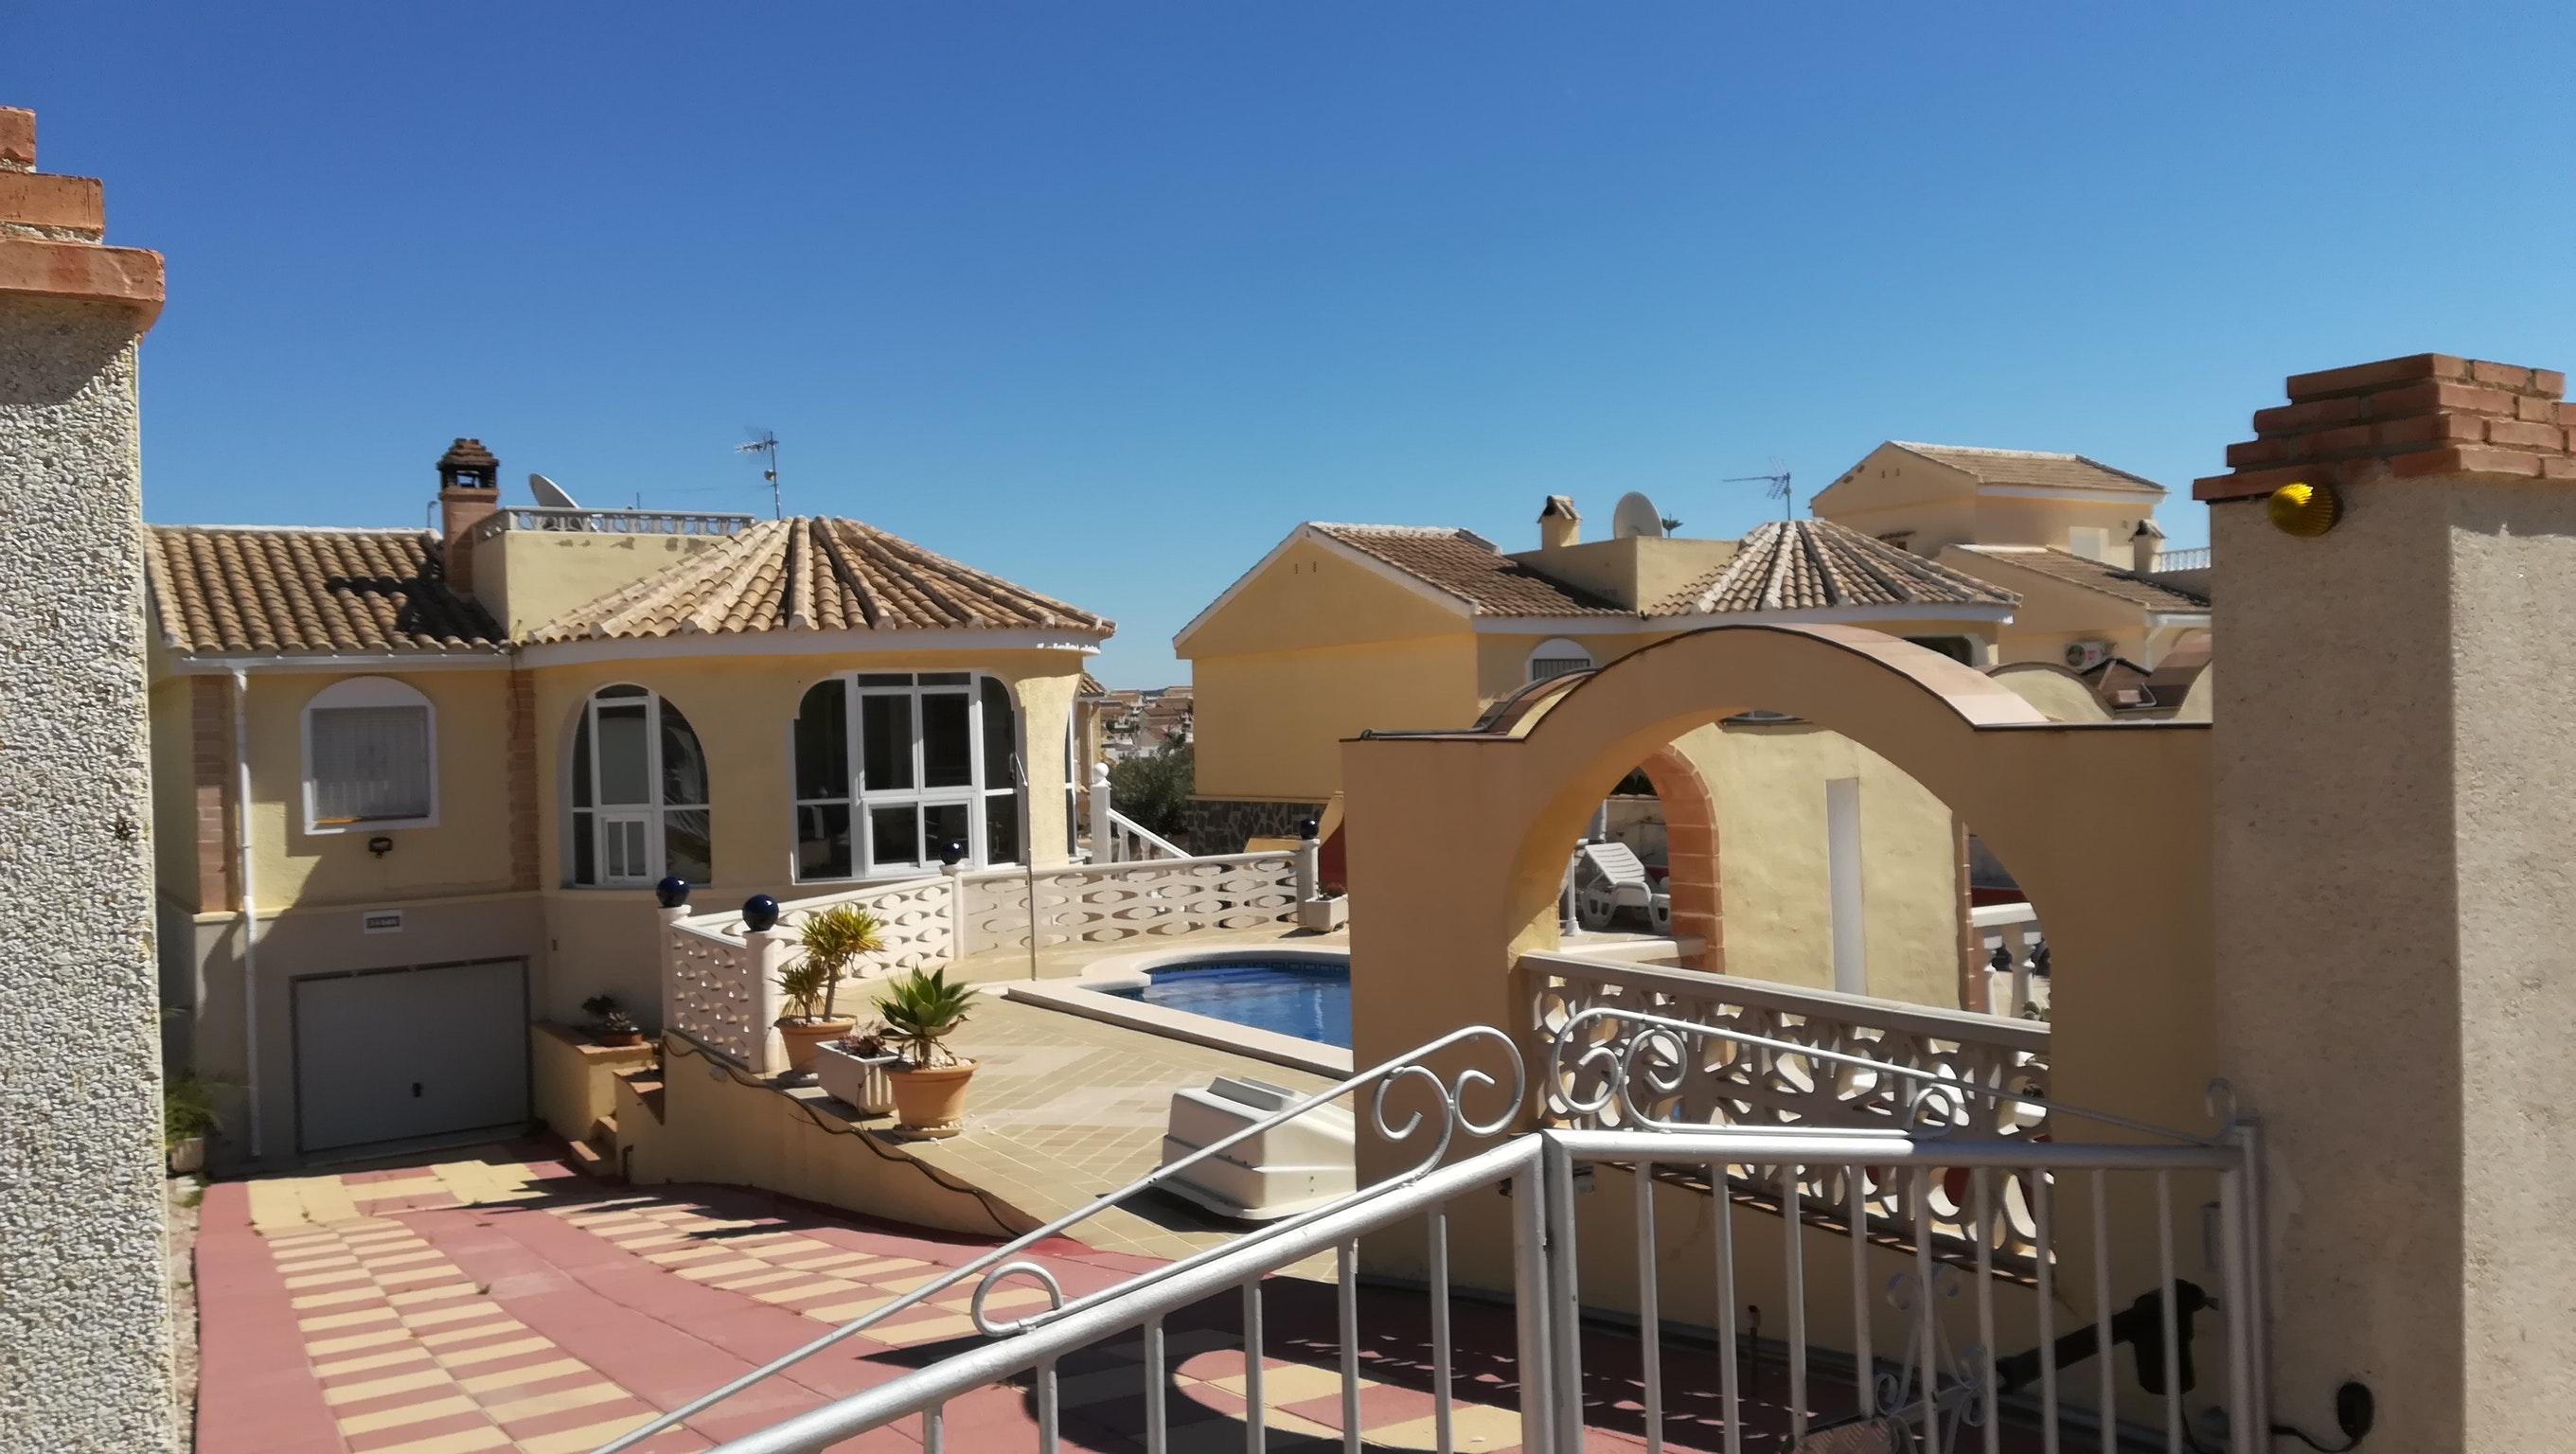 Maison de vacances Villa mit 2 Schlafzimmern in Mazarrón mit toller Aussicht auf die Berge, privatem Pool, ei (2632538), Mazarron, Costa Calida, Murcie, Espagne, image 1